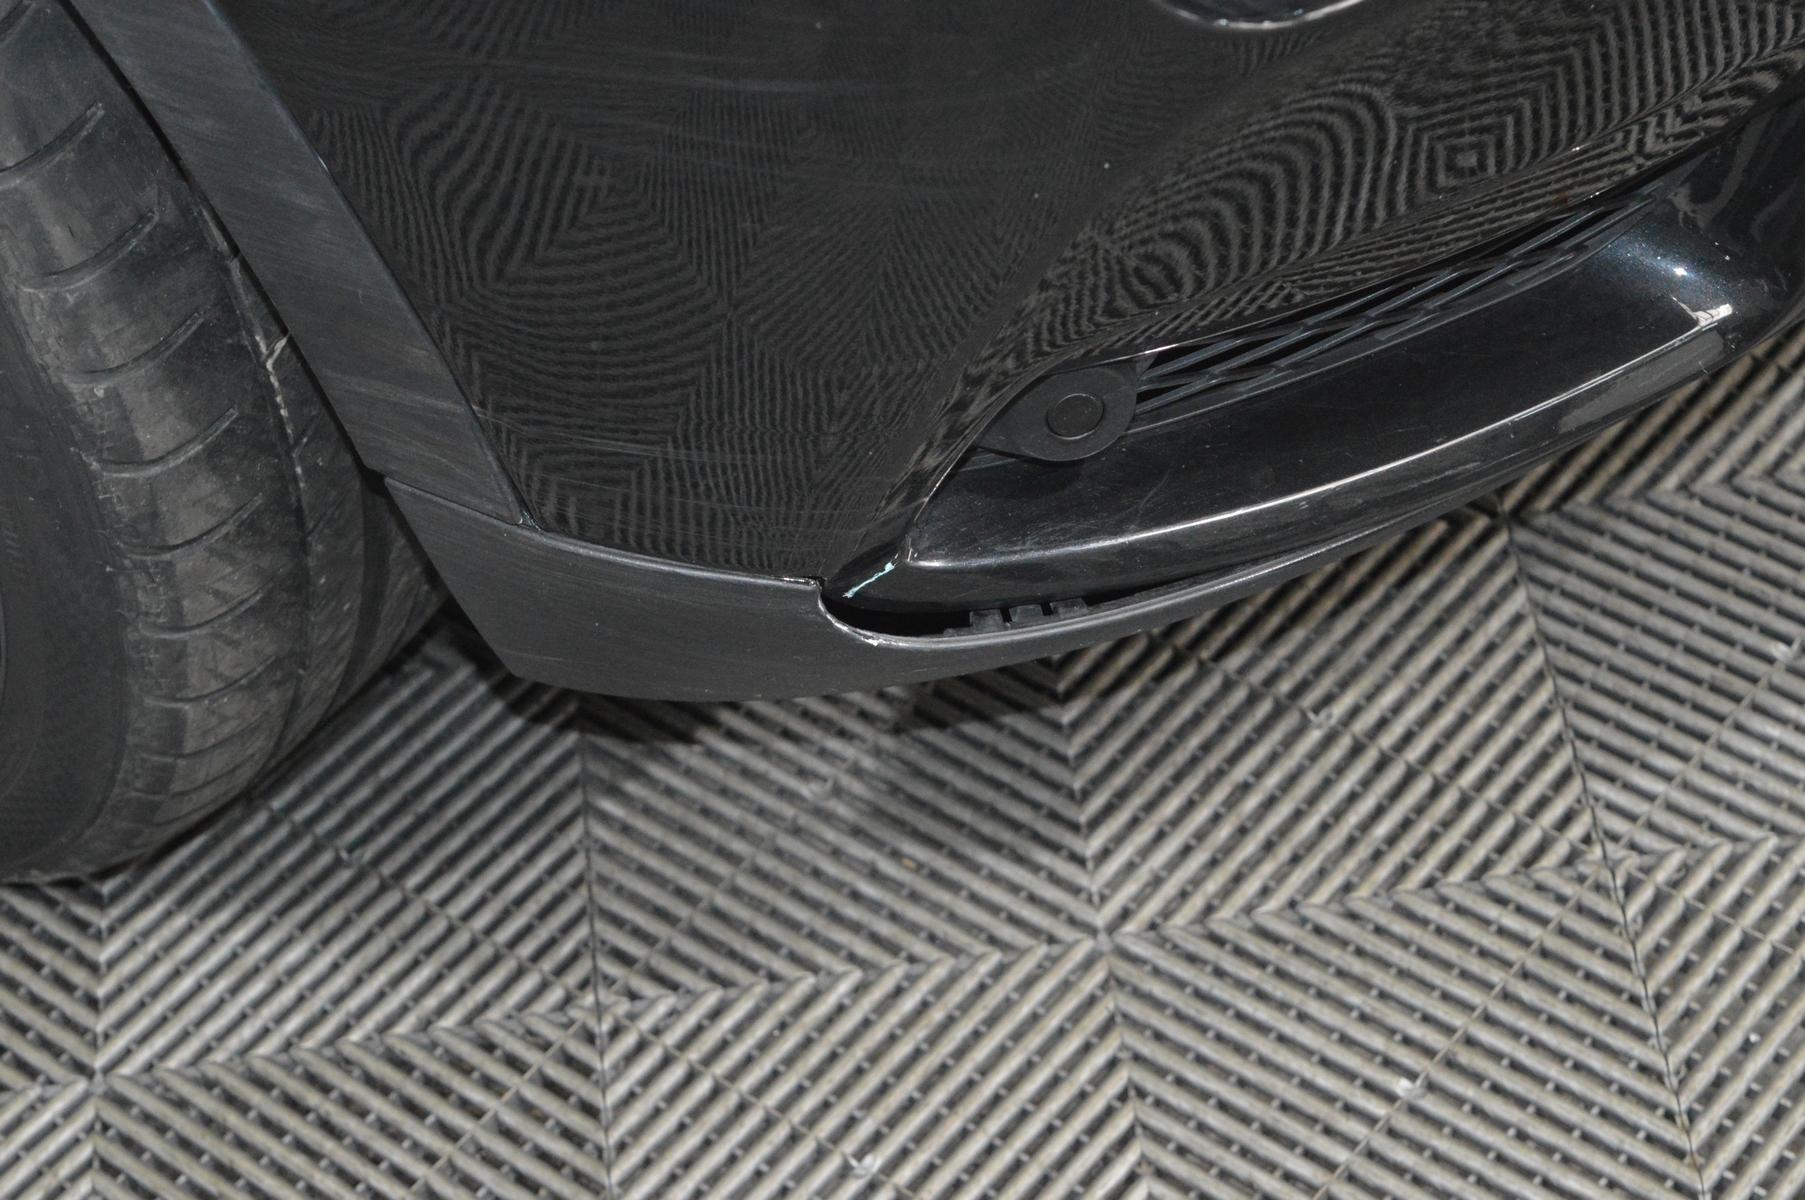 BMW X3 F25 2013 - Photo n°3